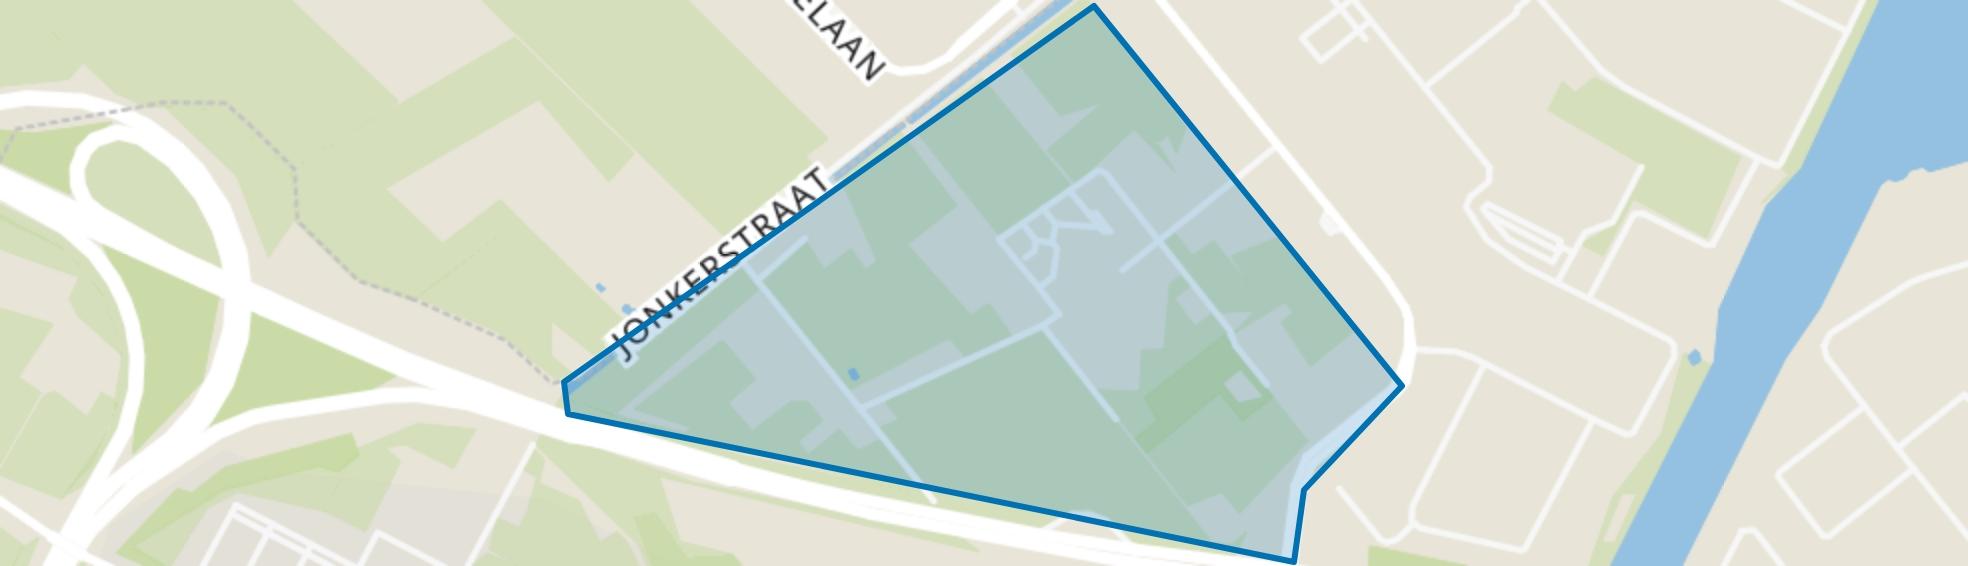 Neerbosch-West, Nijmegen map